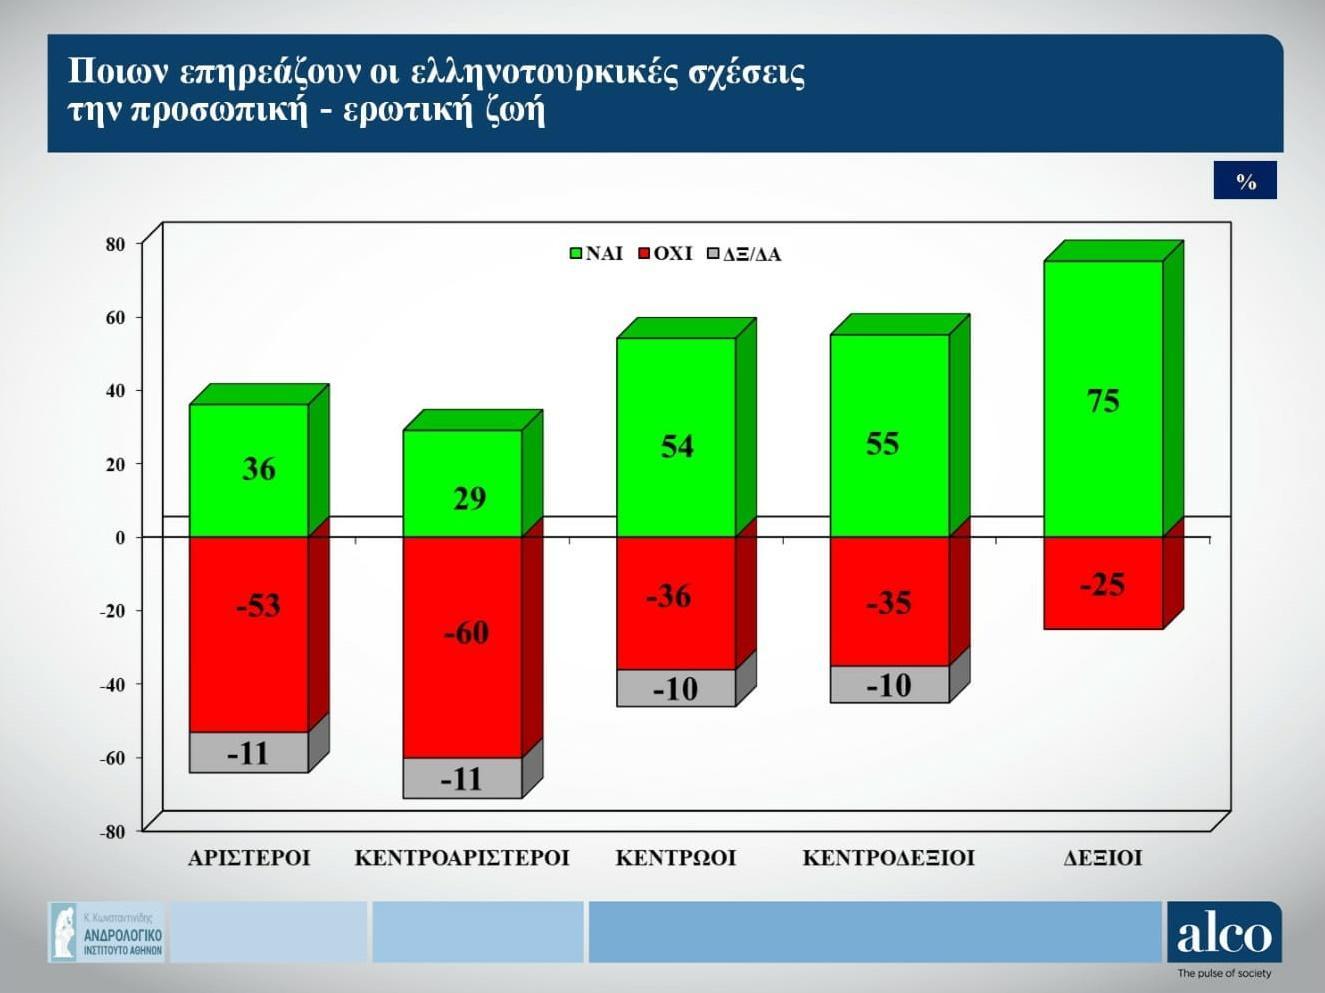 ποιων επηρεάζουν οι ελληνοτουρκικές σχέσεις